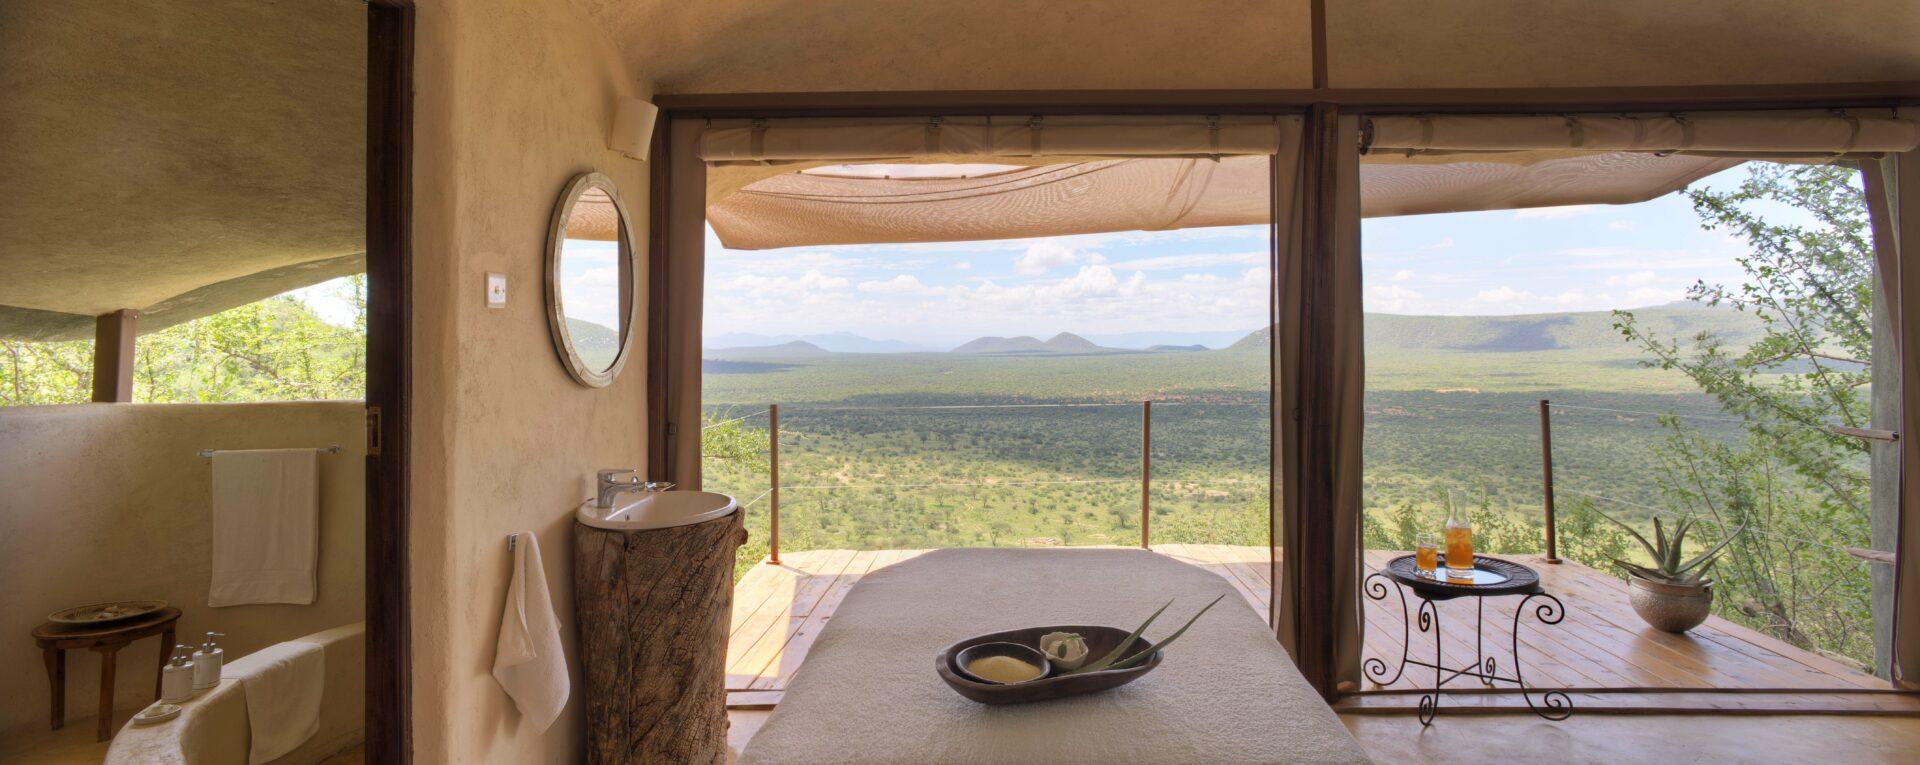 The Samburu Wellbeing Space